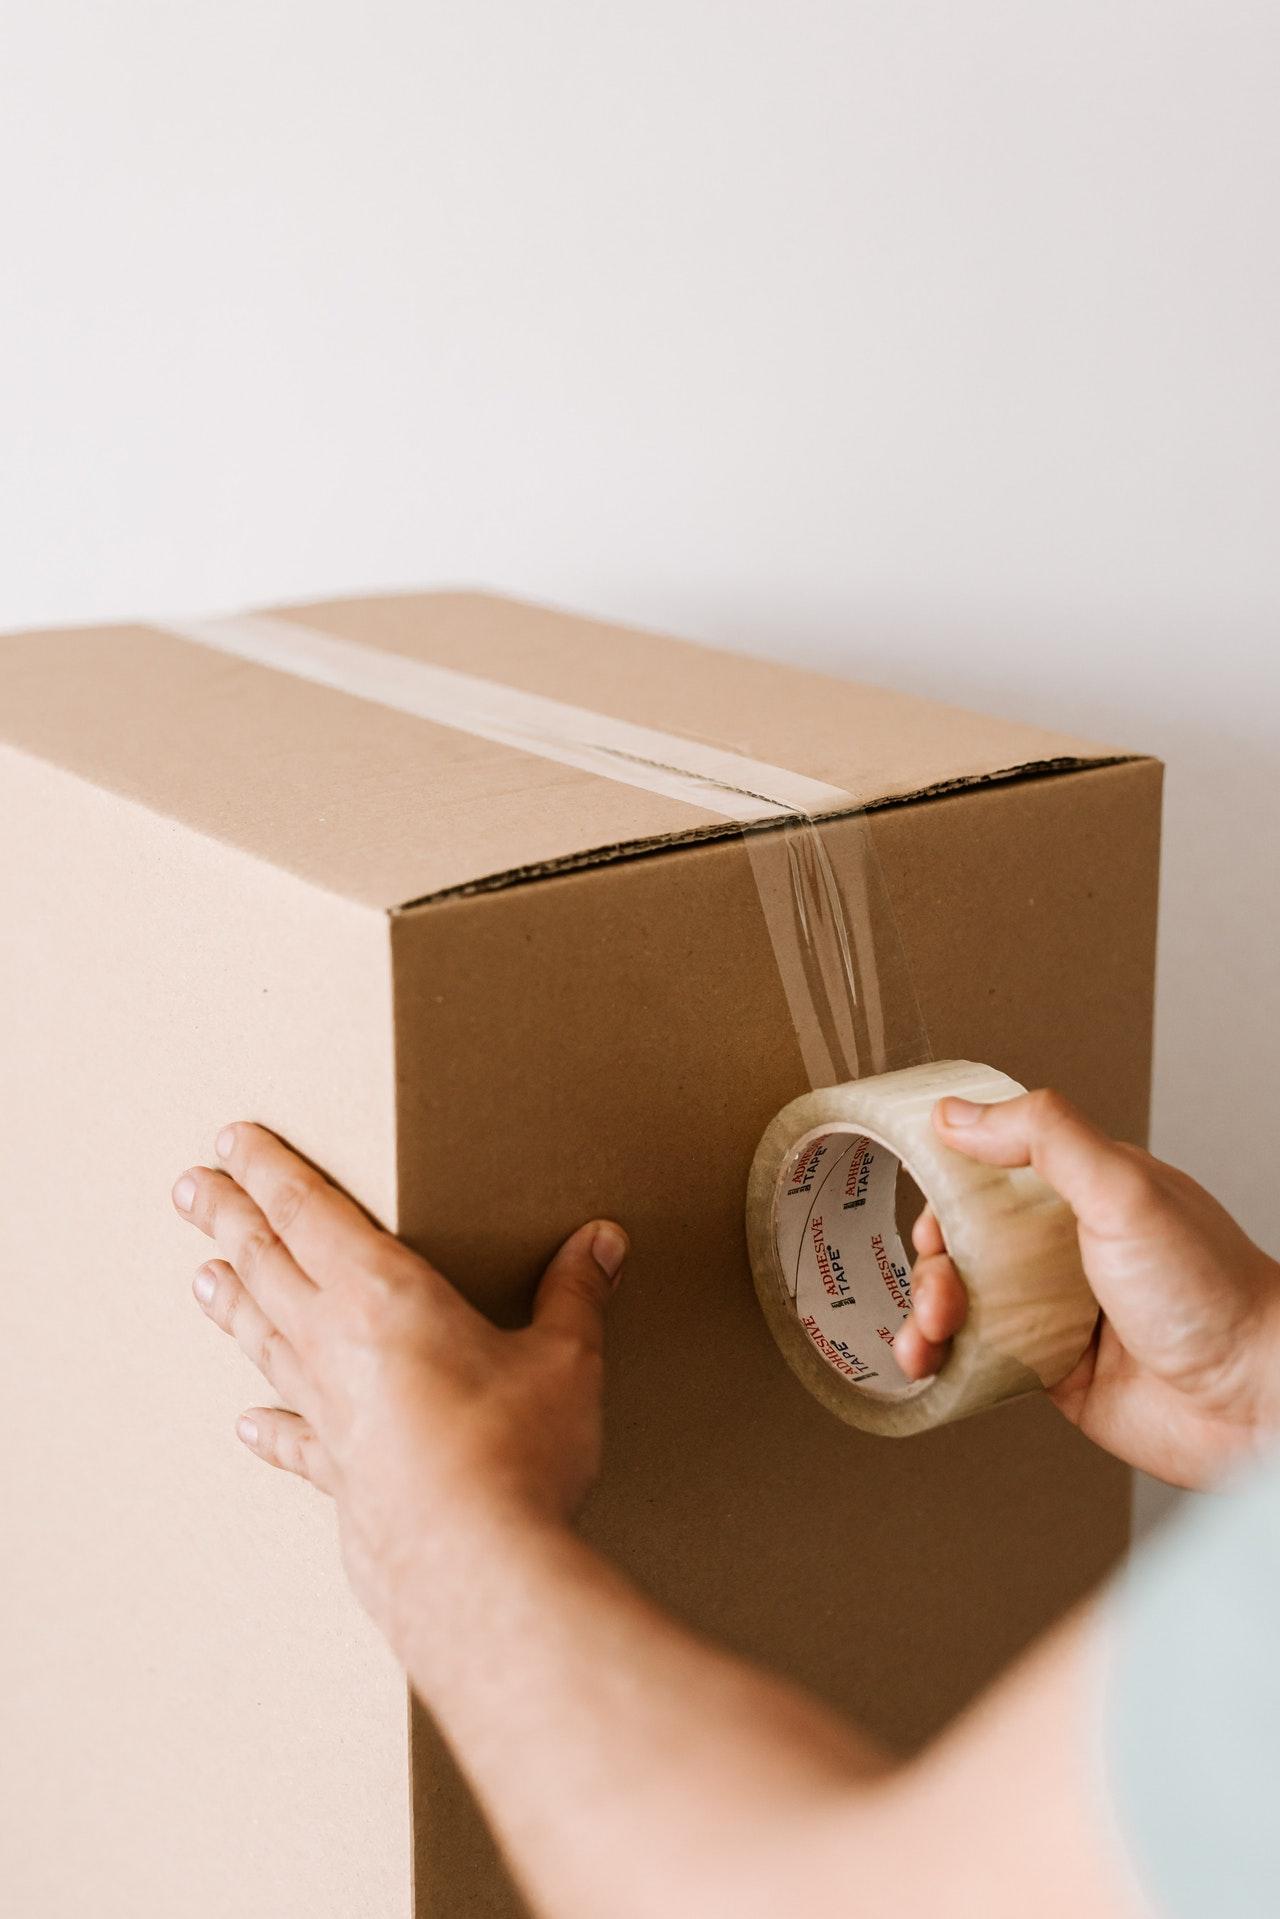 pakowanie przysyłki